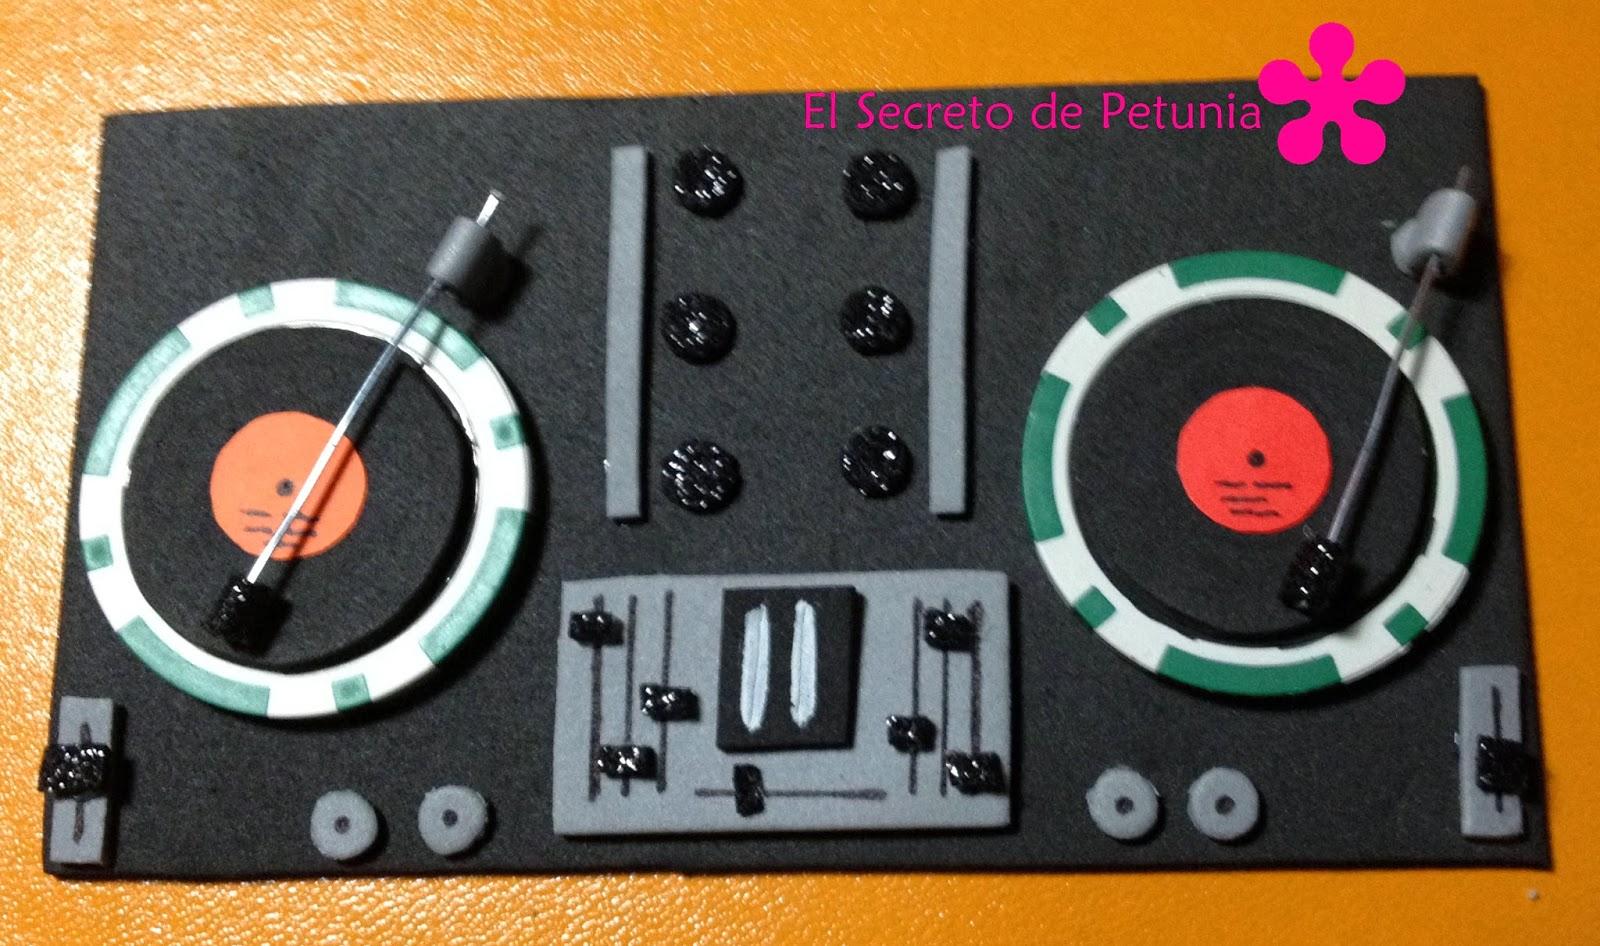 Accesorios para un fofucho dj el secreto de petunia for Mesa de mezclas dj